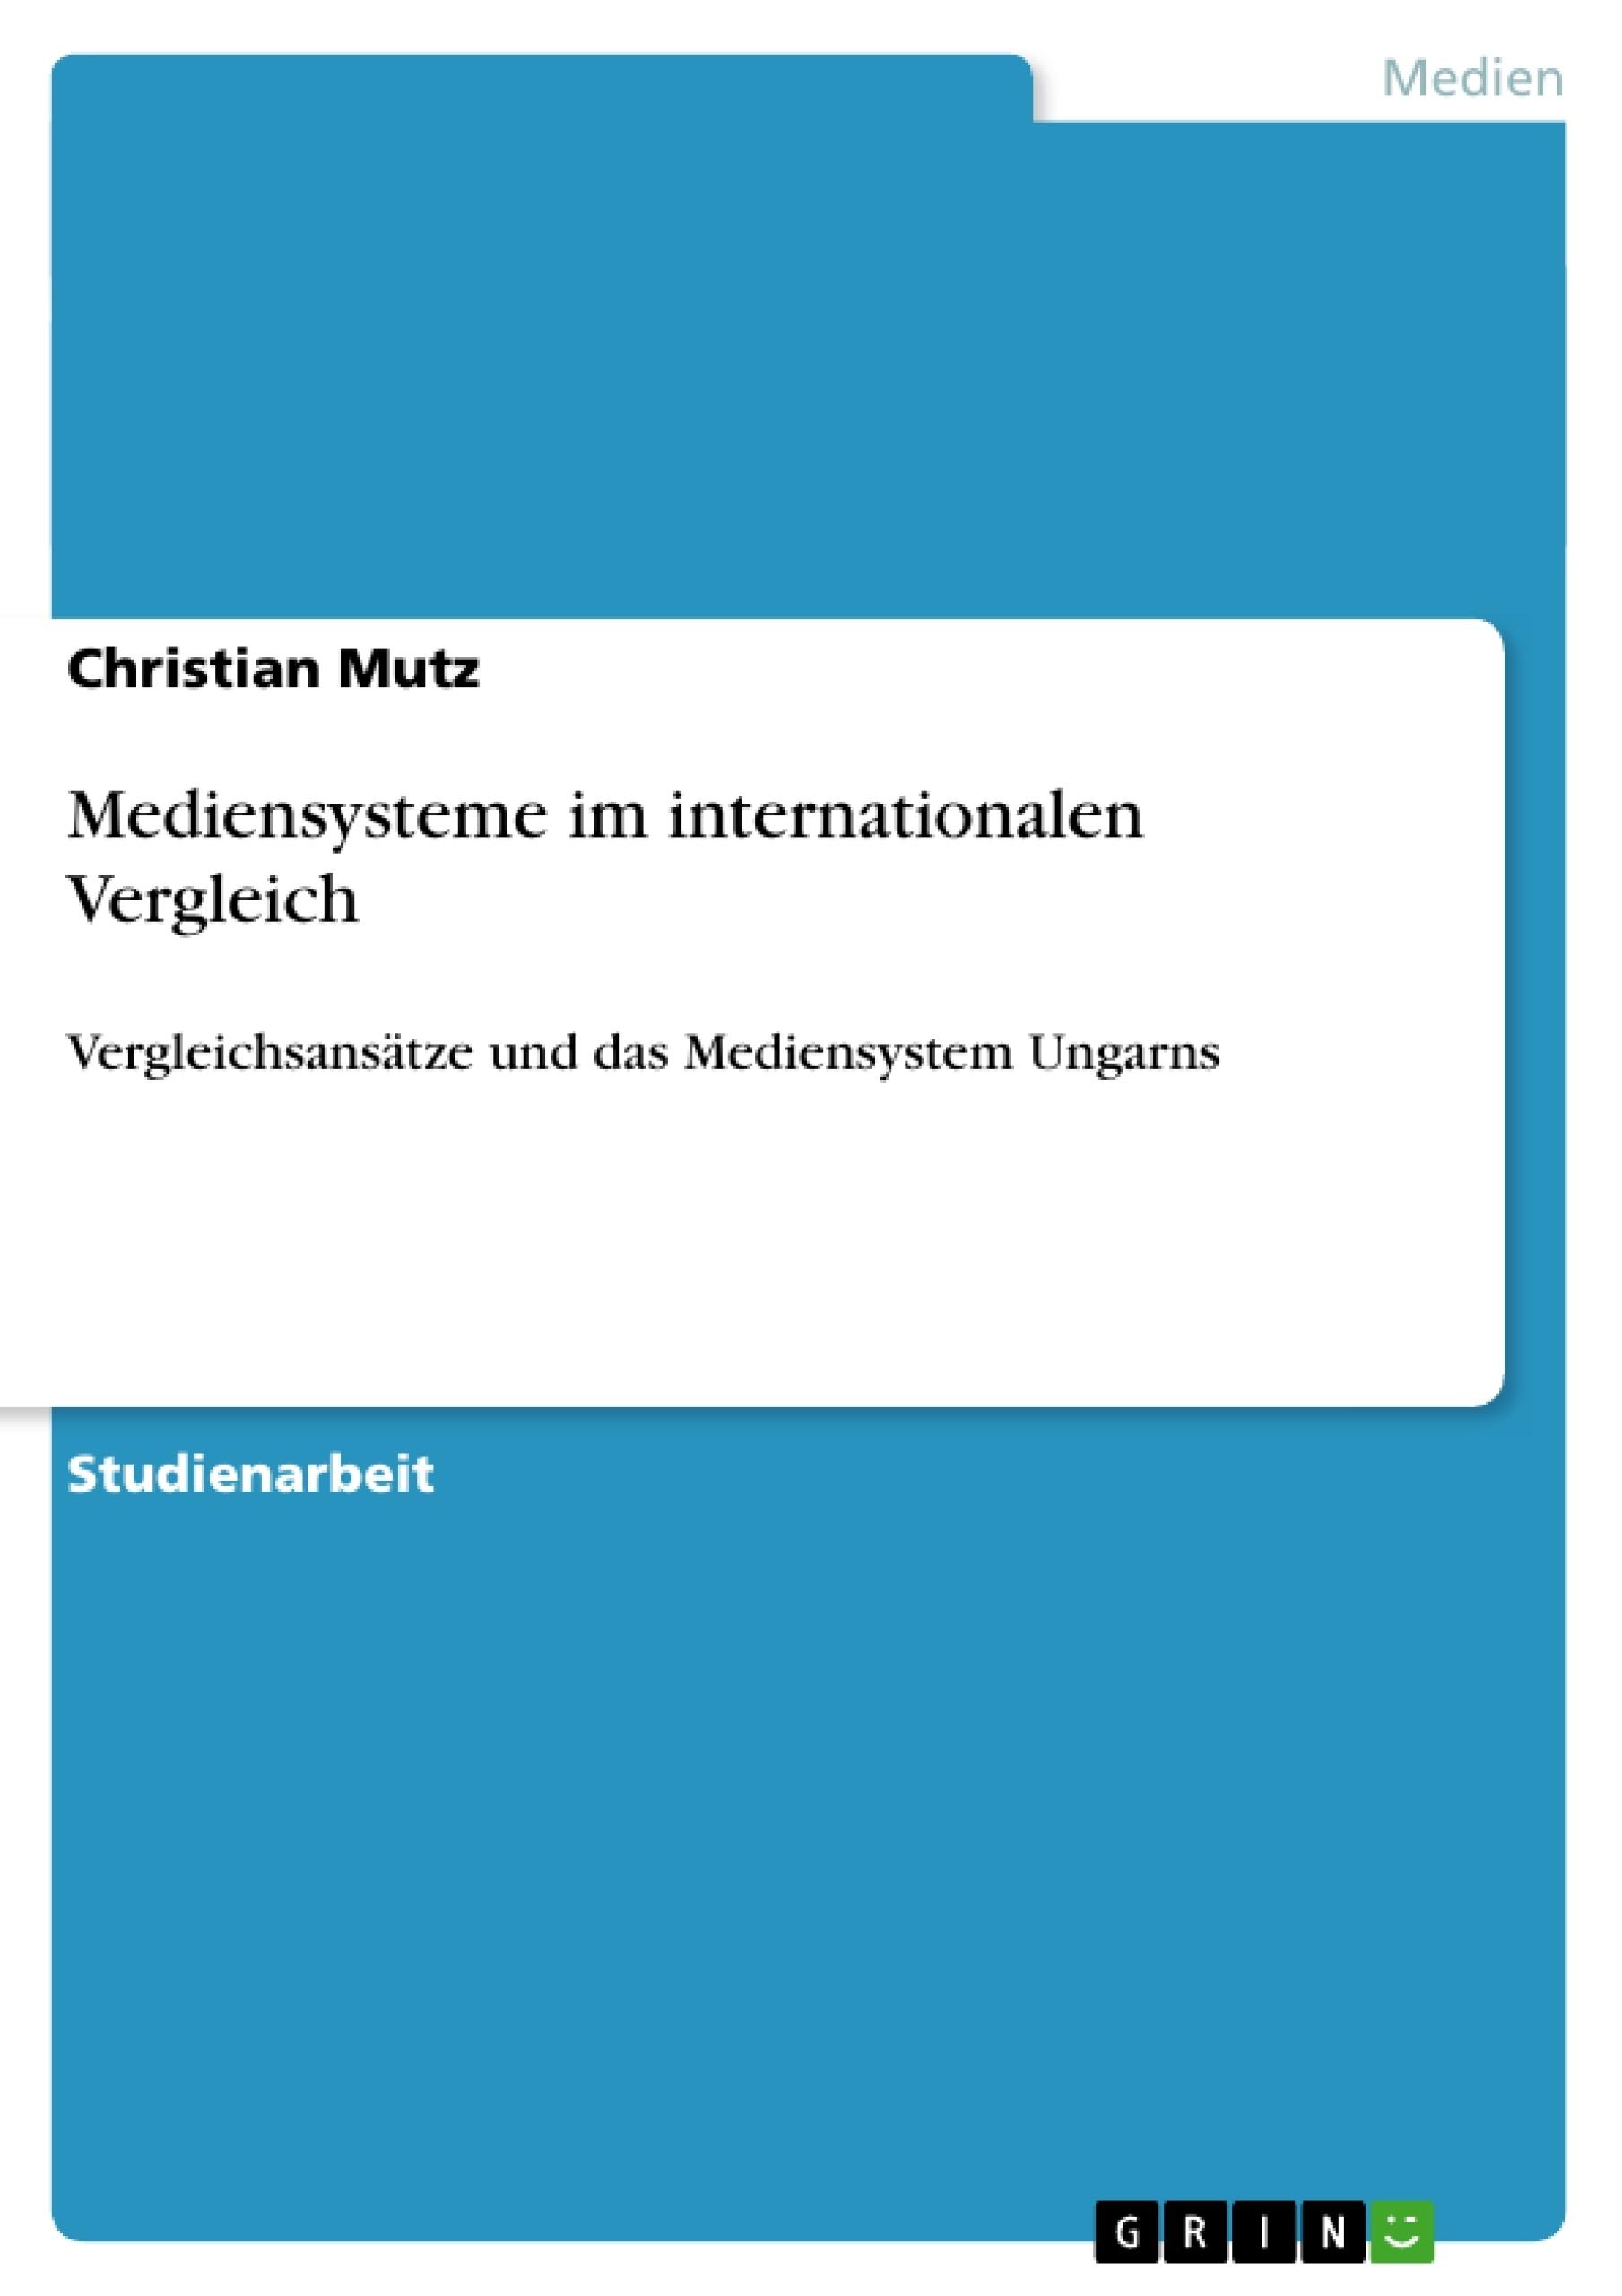 Titel: Mediensysteme im internationalen Vergleich